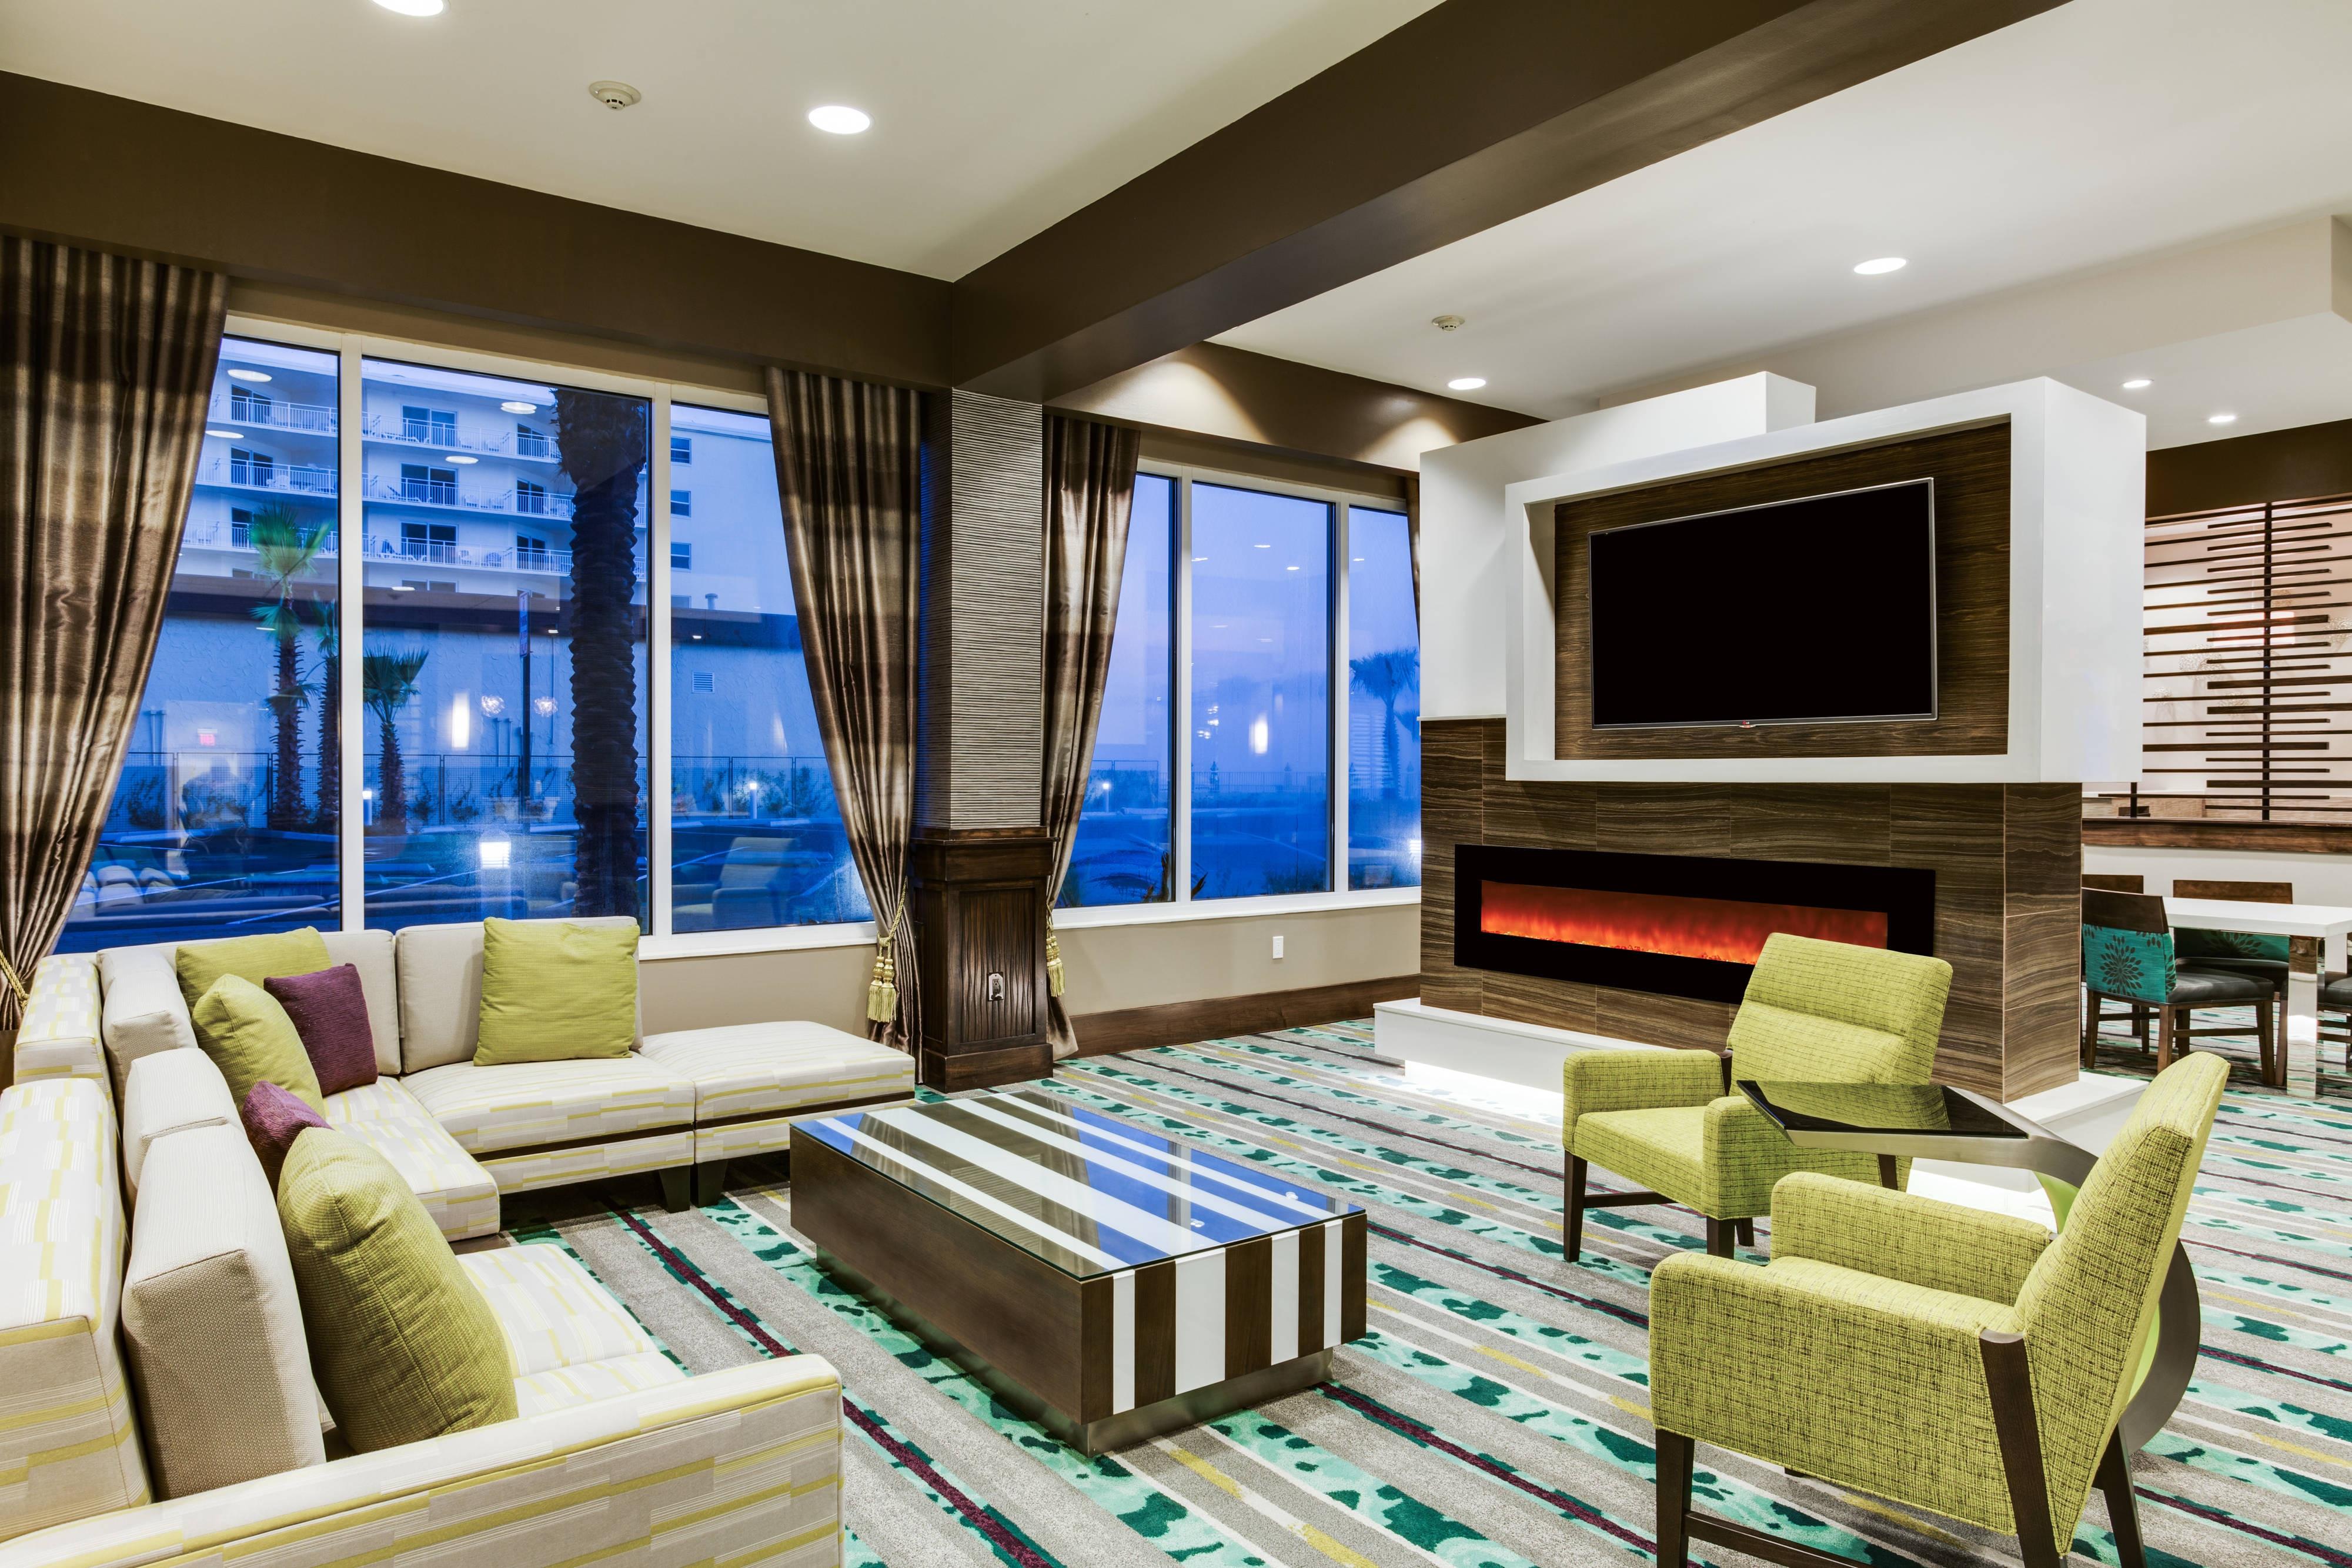 Contemporary designed hotel lobby